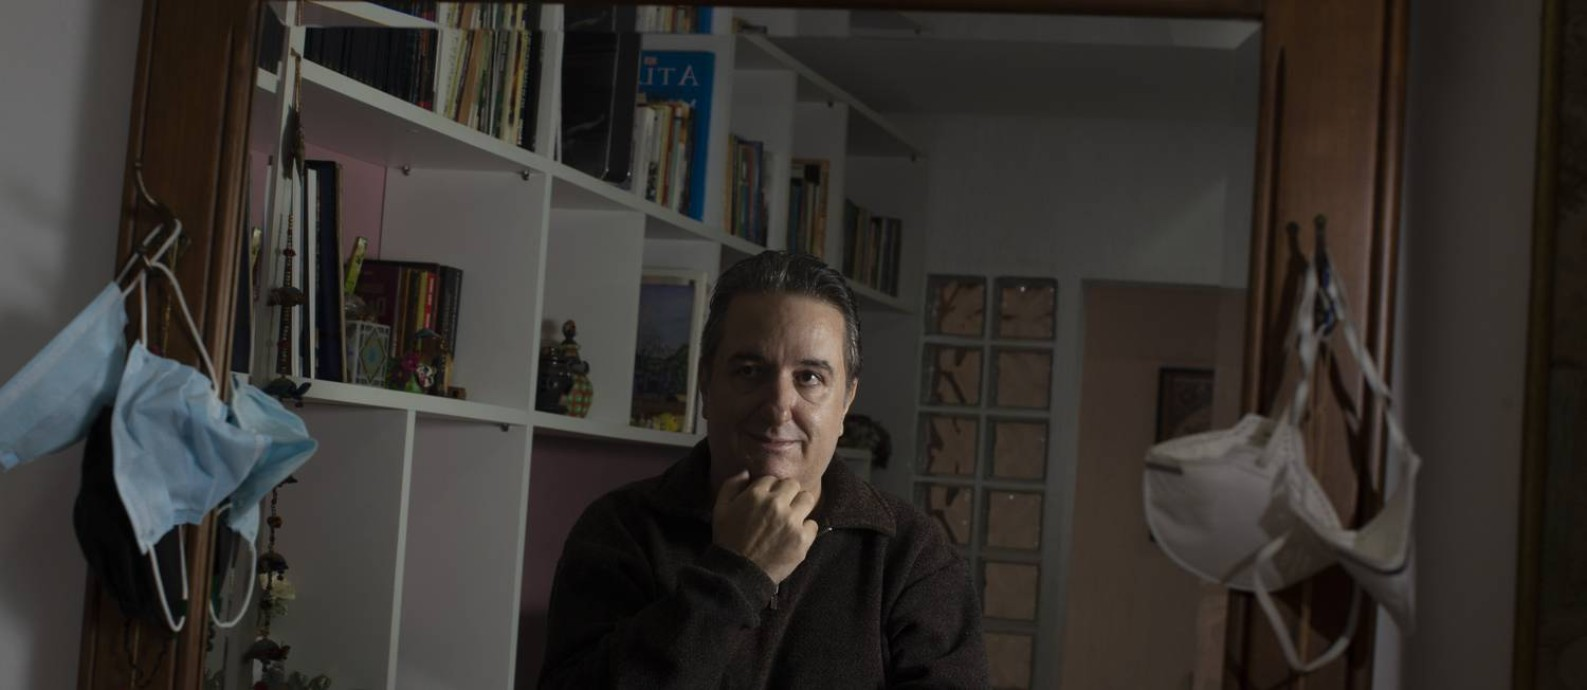 Marcos Vinícius Bolpato da Silva teve Covid depois de ter tomado a primeira dose da AstraZeneca Foto: Márcia Foletto / Agência O Globo